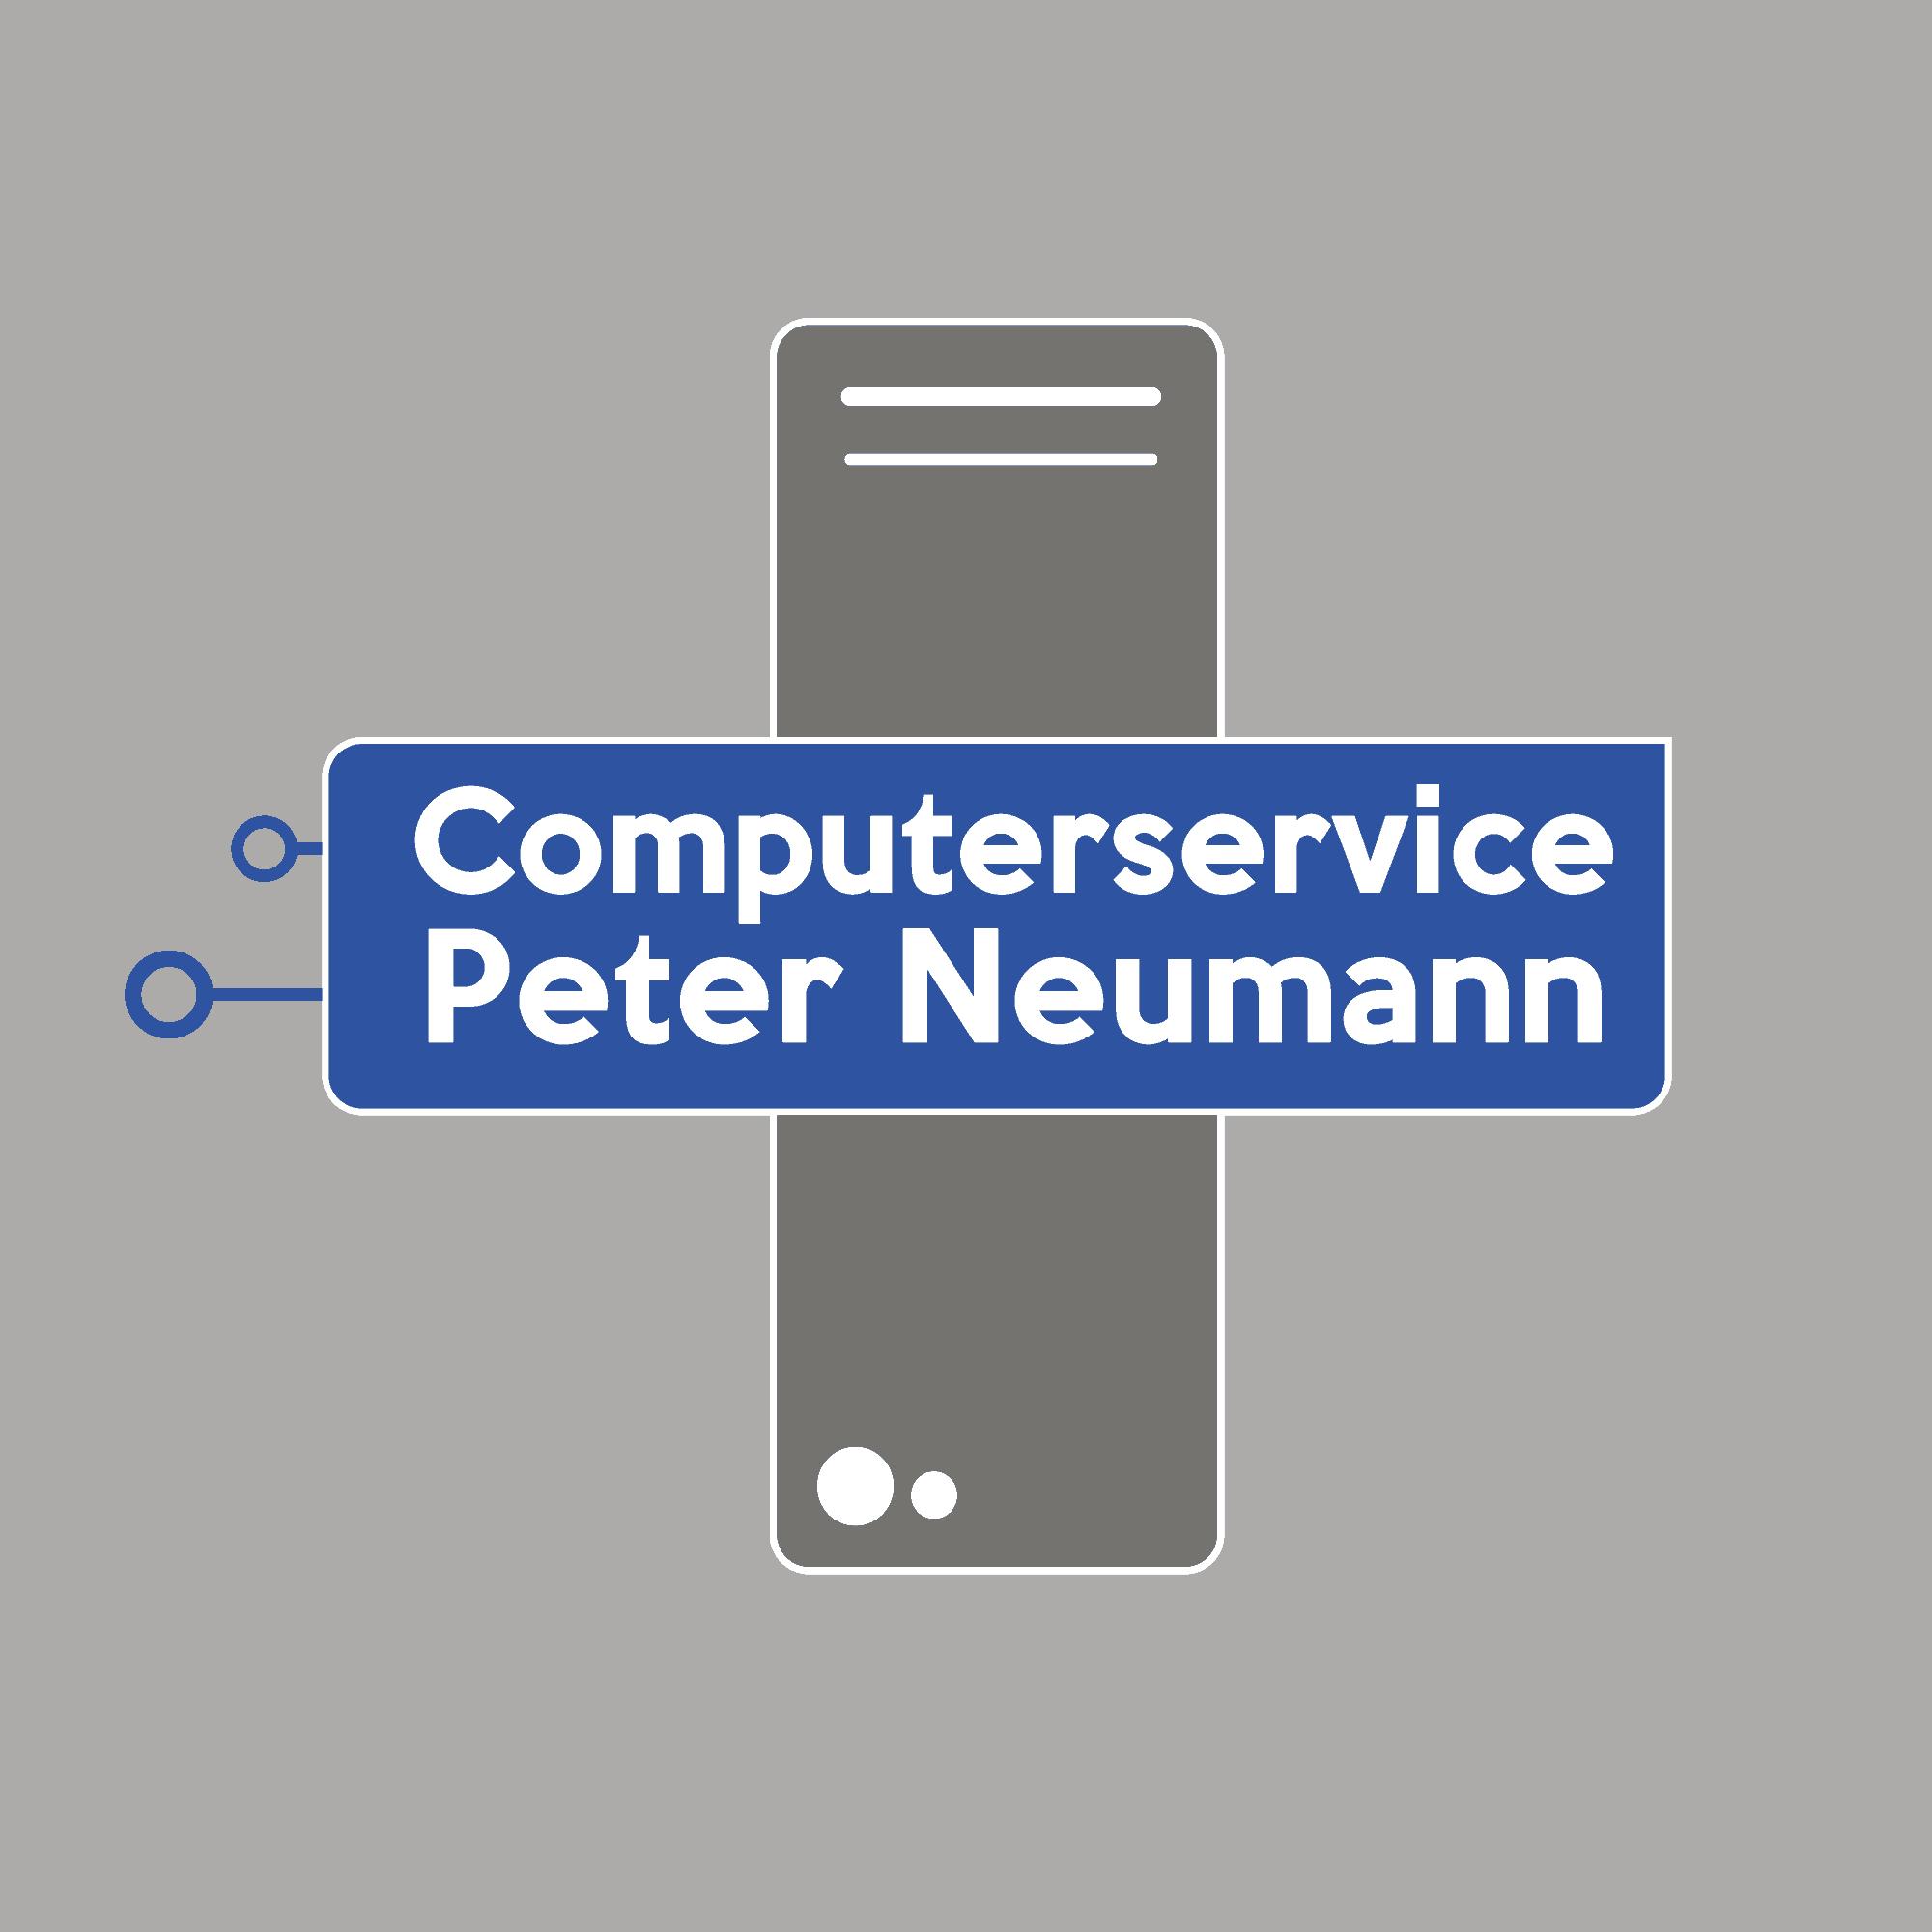 Computerservice Peter Neumann